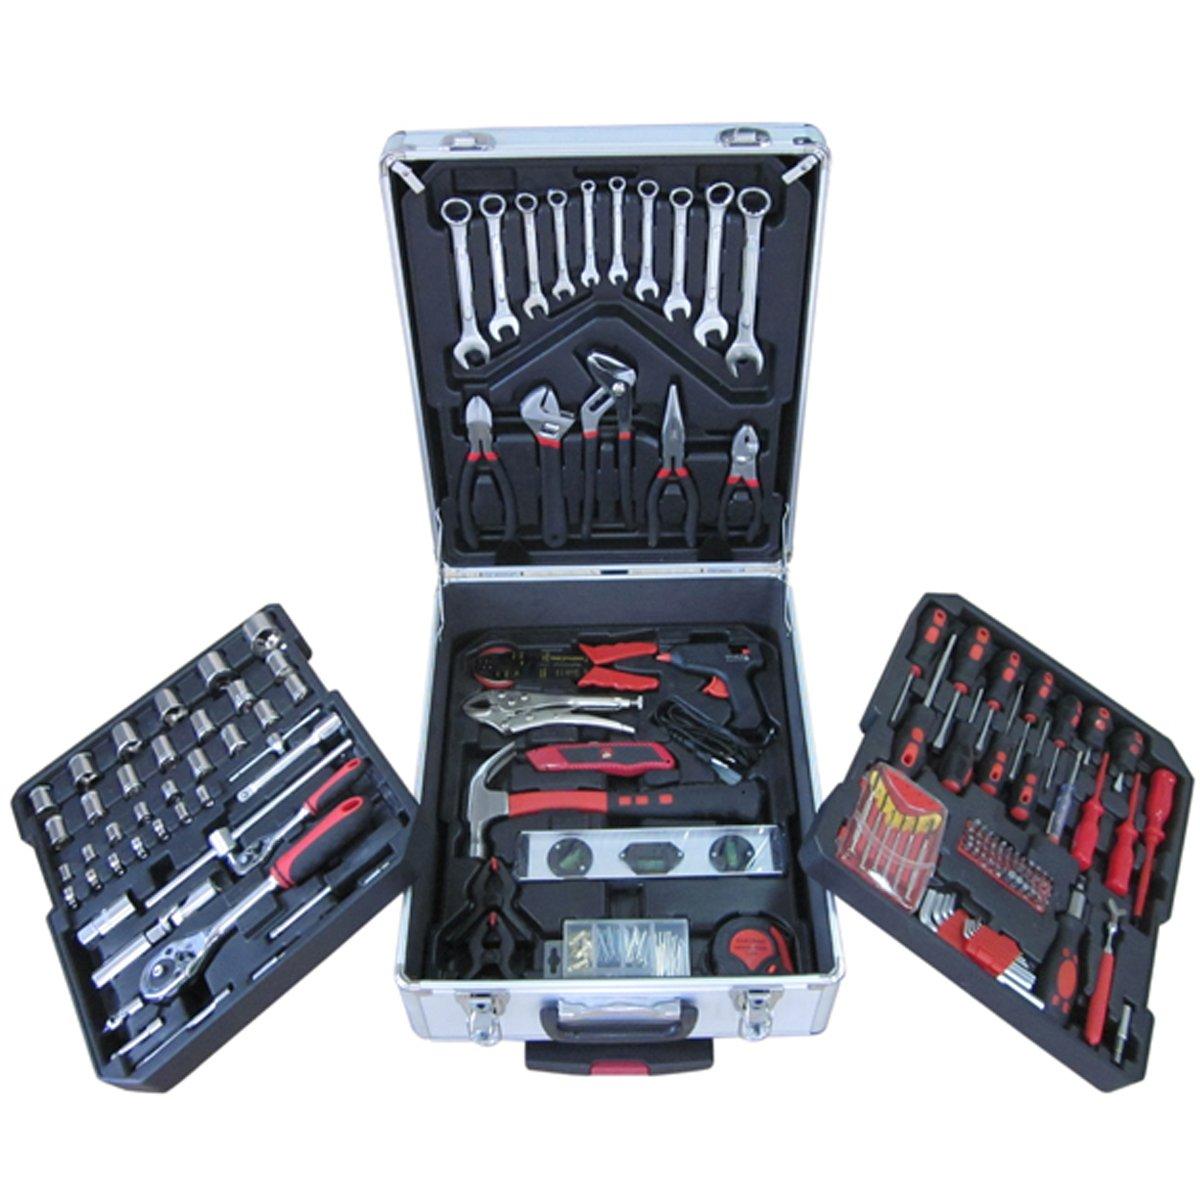 Werkzeug Werkzeugkoffer Werkzeugkiste Werkzeugkasten 226tlg + ALU KOFFER NEU  BaumarktKundenbewertung und weitere Informationen